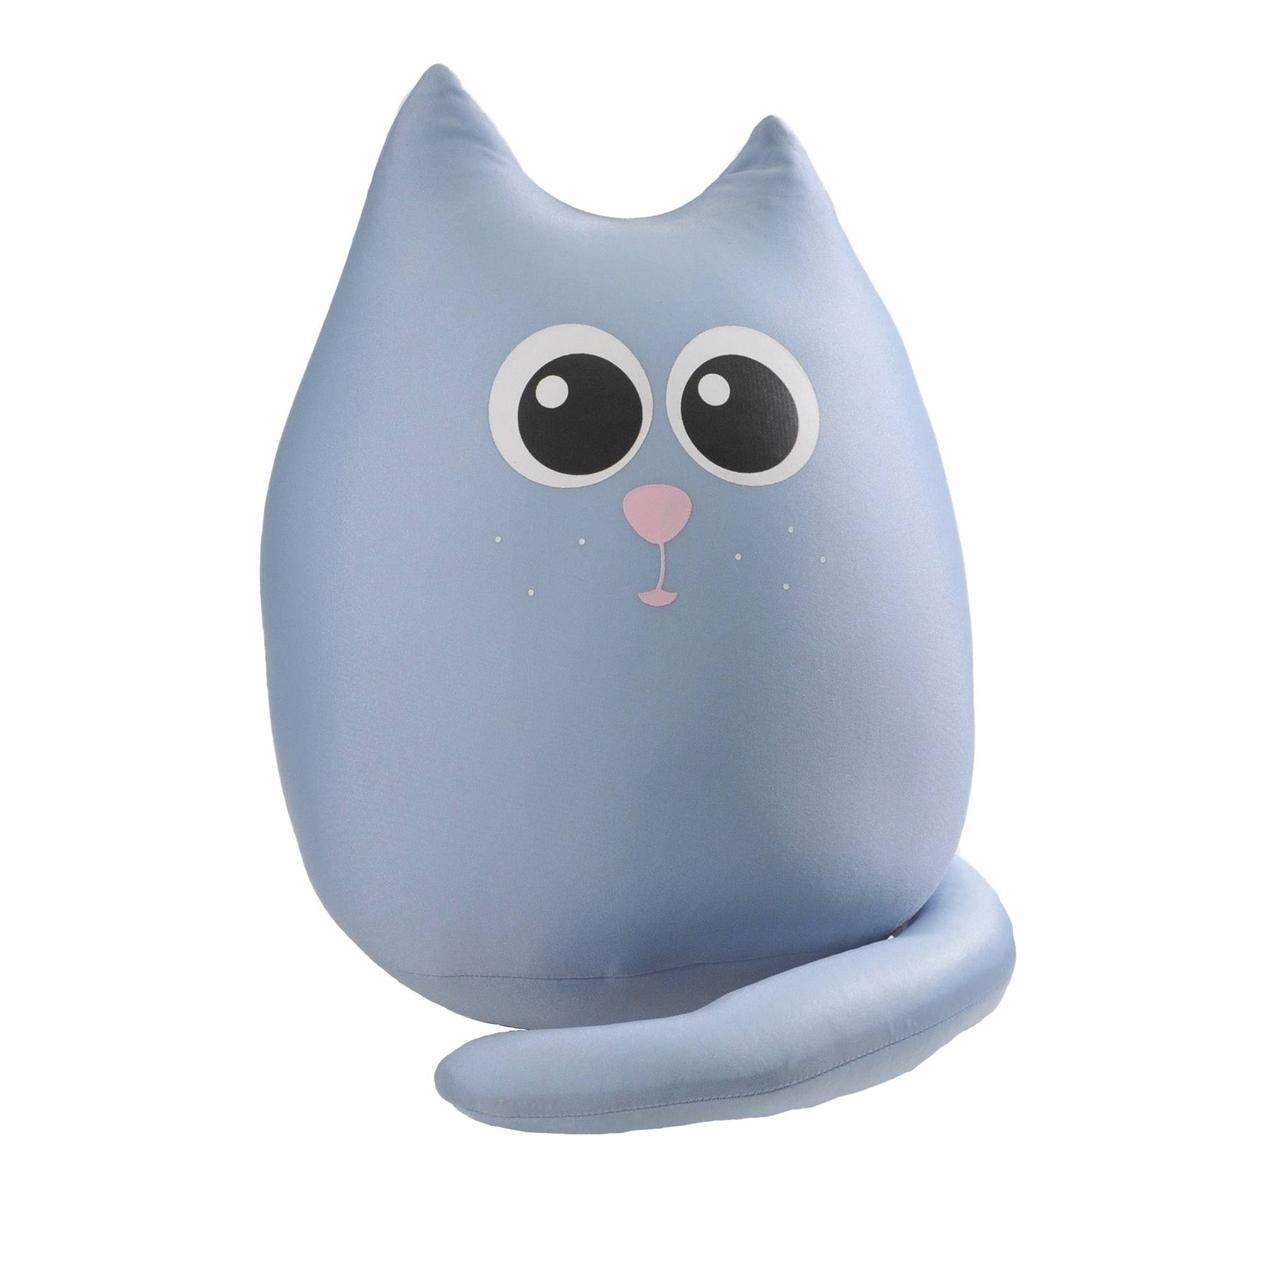 М'яка іграшка антистрес Кіт великий Димок Expetro (A170)